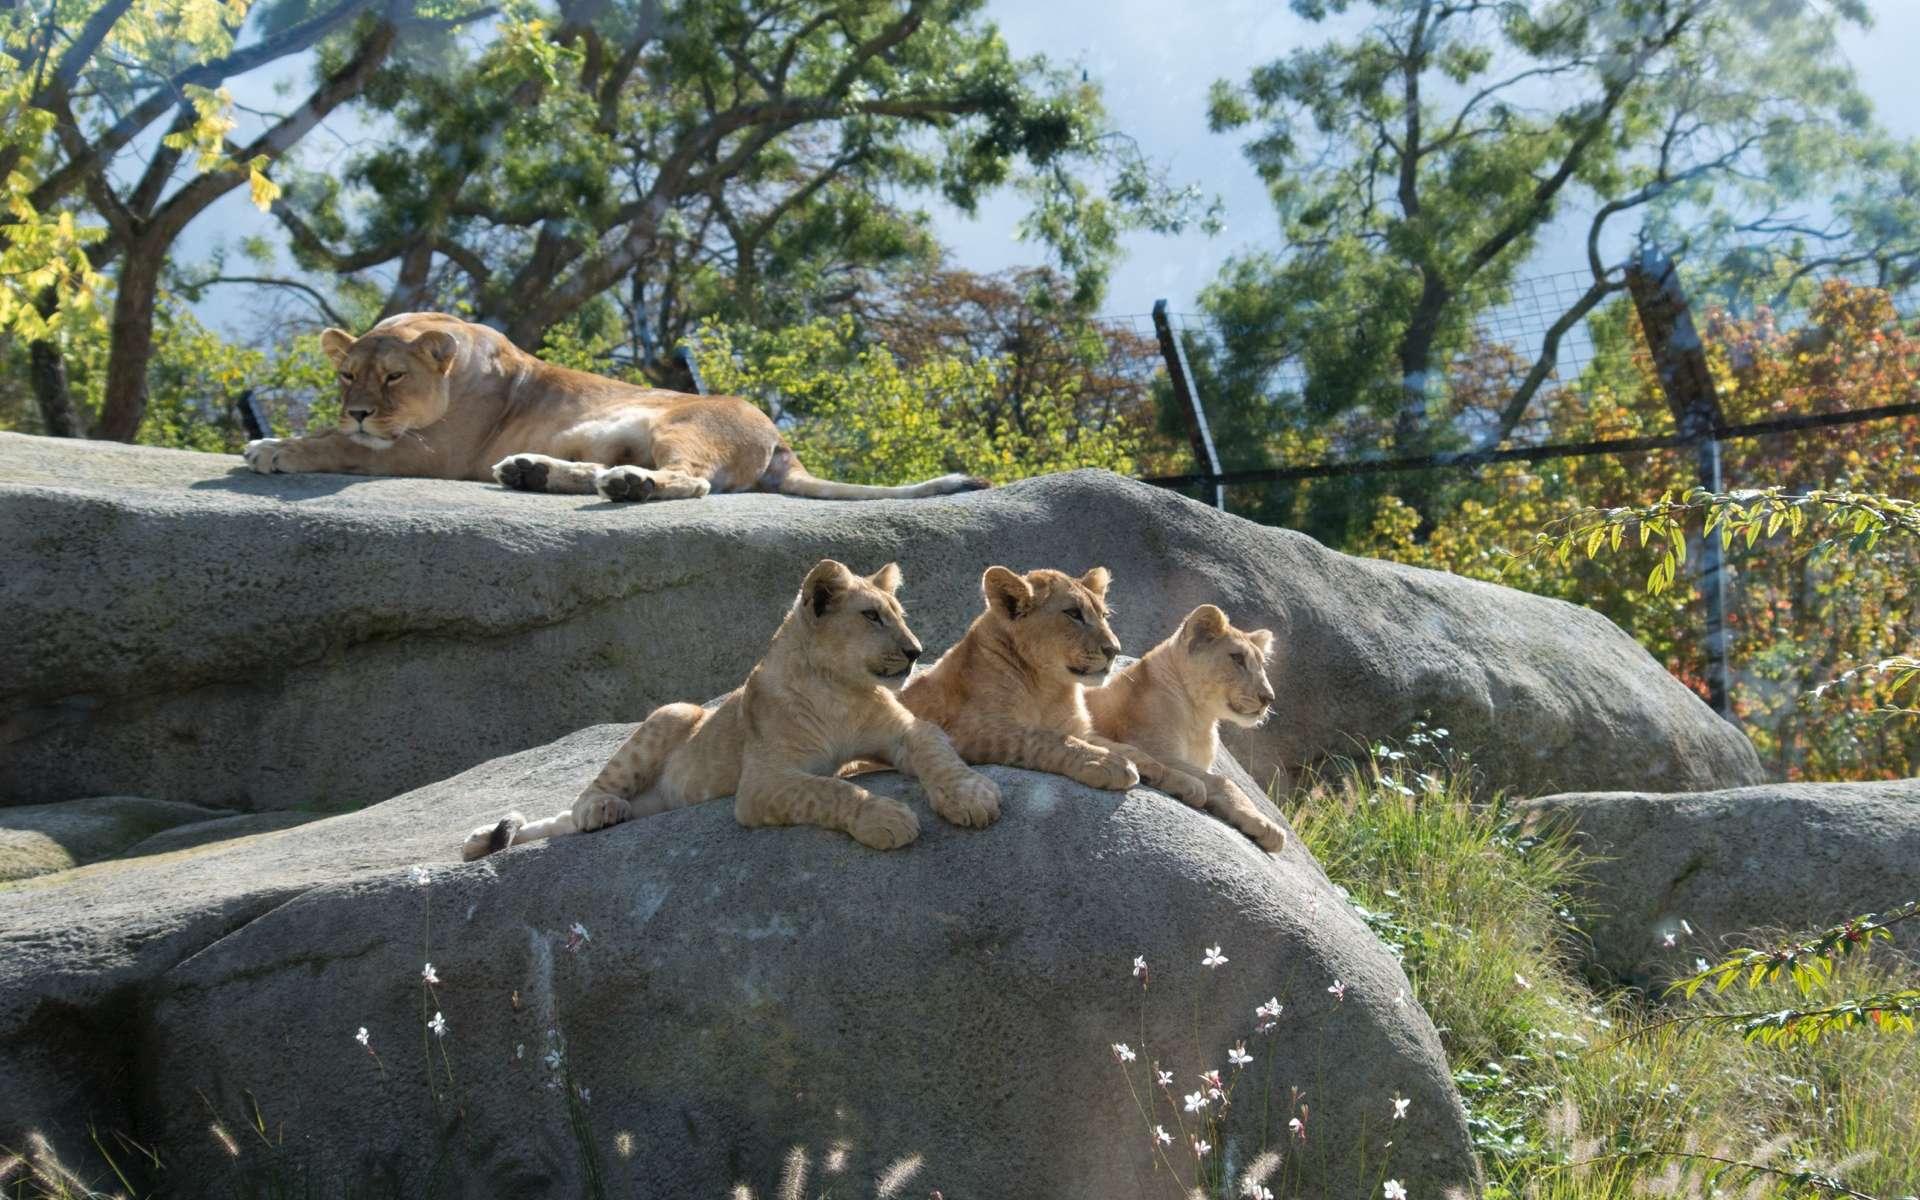 La lionne et ses trois lionceaux, âgés de 6 mois, parc zoologique de Vincennes ©Dinkum, Wikimedia Commons, CC by-sa 3.0